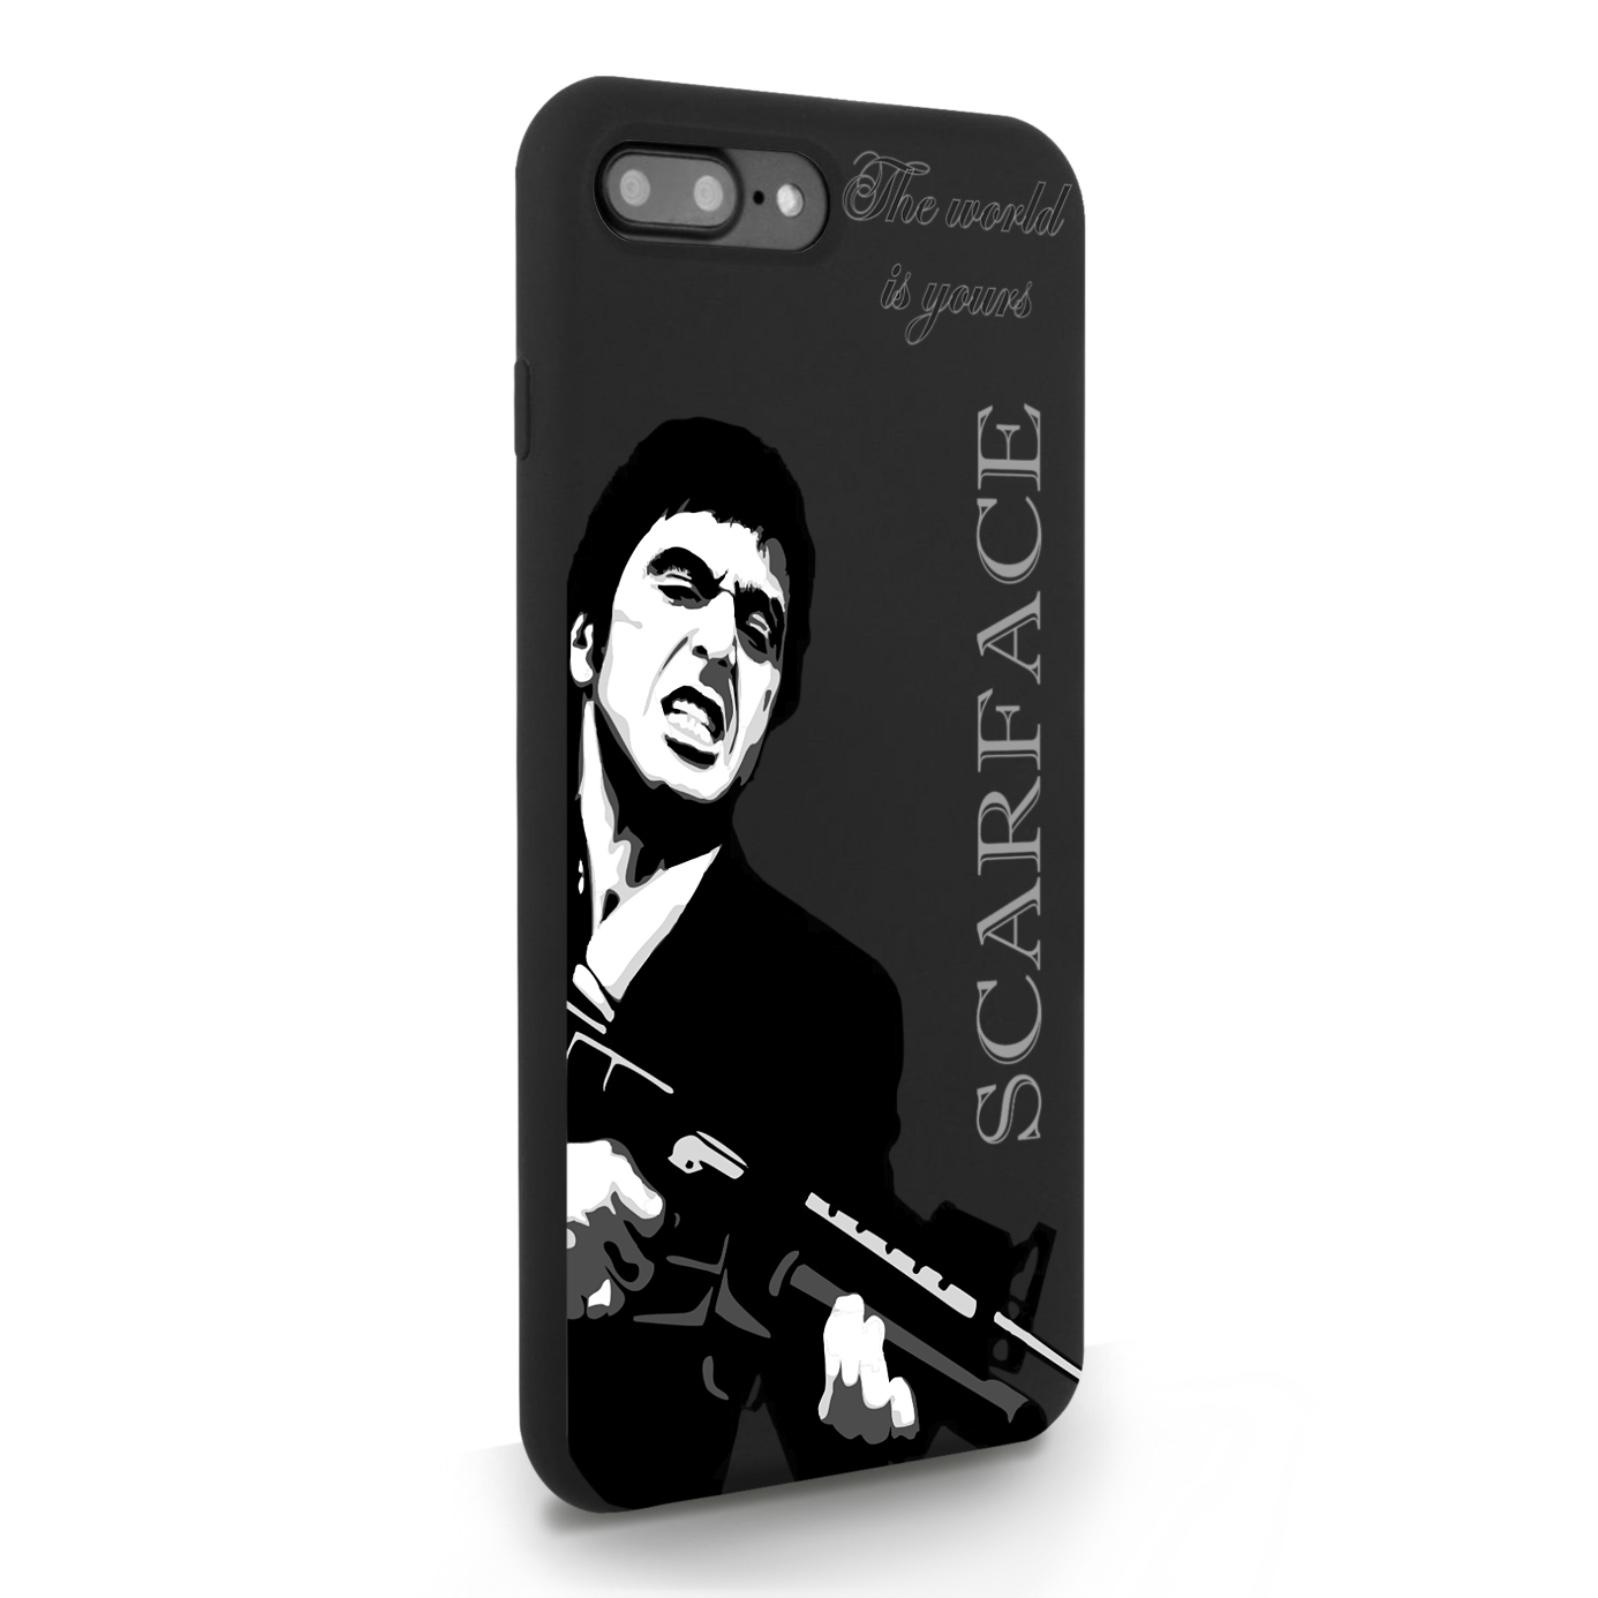 Черный силиконовый чехол для iPhone 7/8 Plus Scarface Tony Montana Лицо со шрамом для Айфон 7/8 Плюс